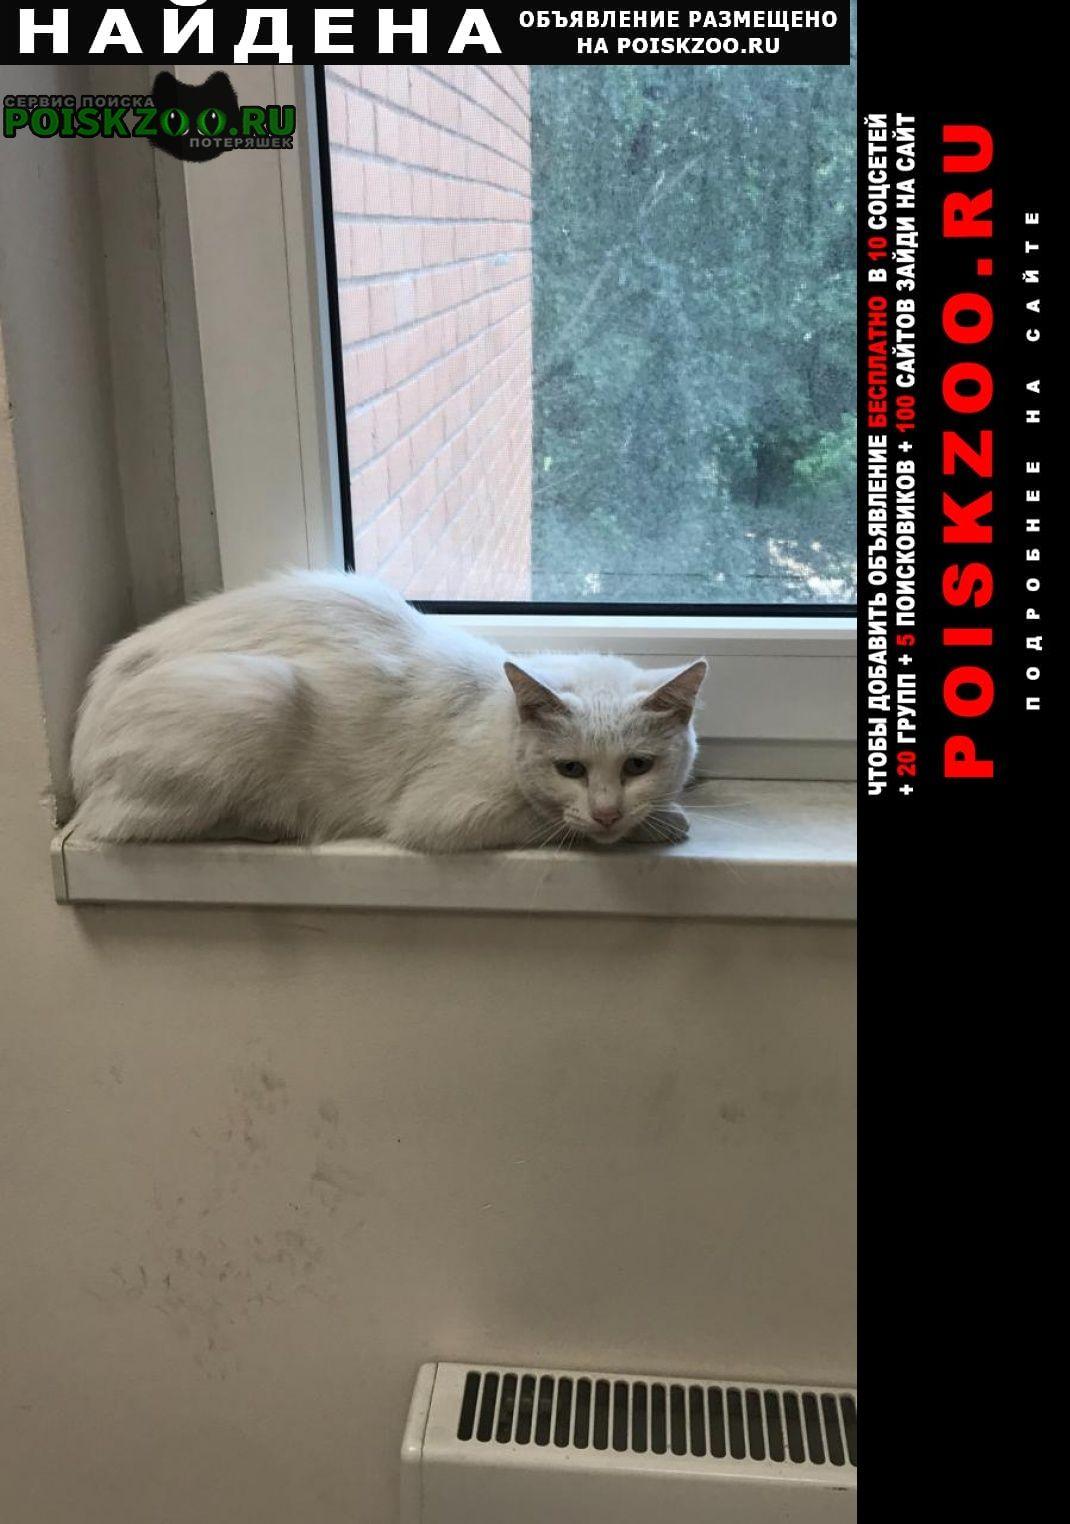 Найдена кошка явно домашняя Москва